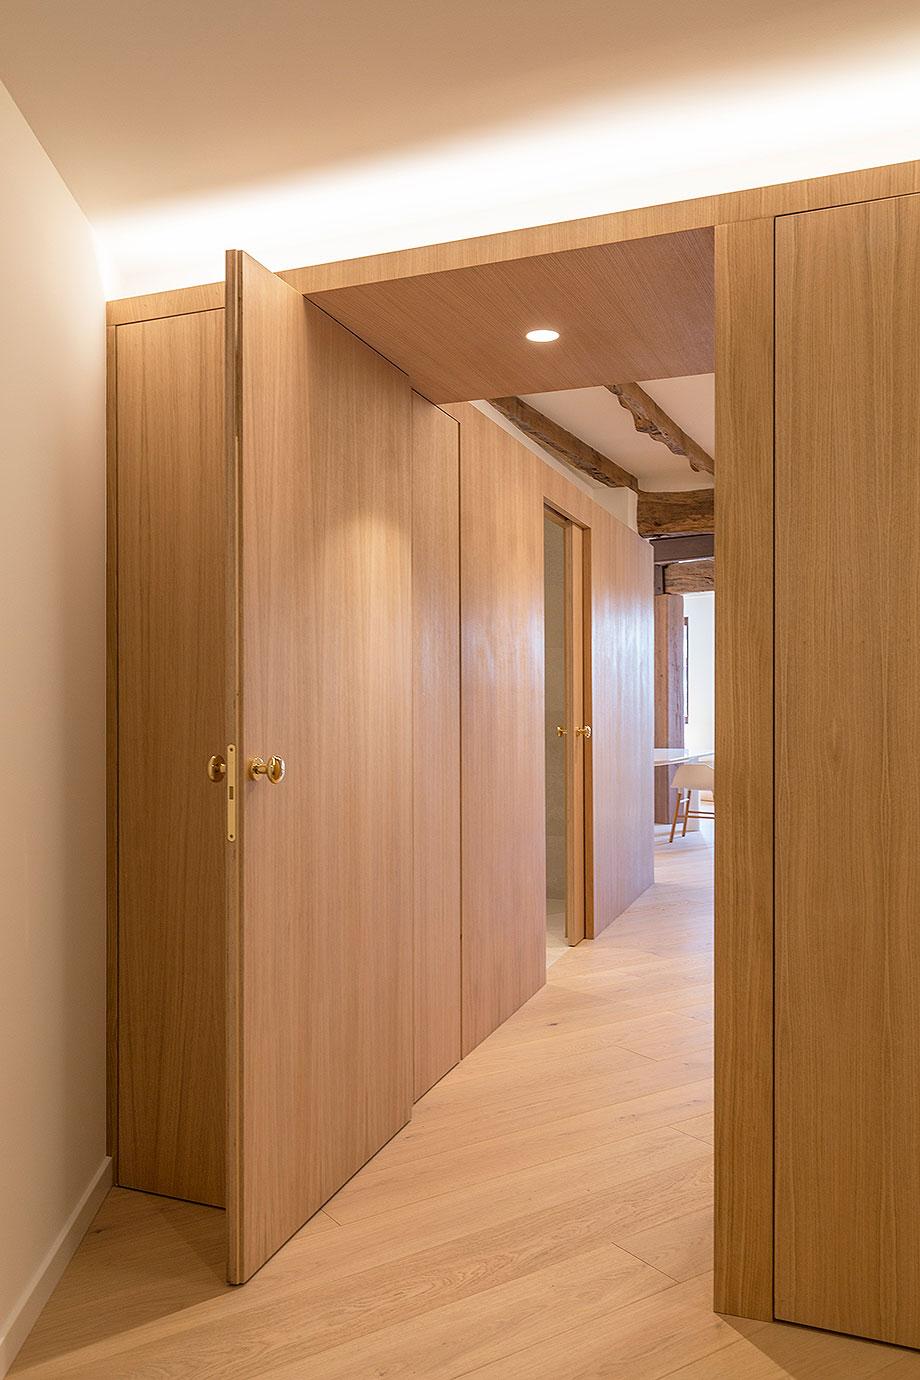 casa kaia de amaia arana arkitektura (17) - foto iñaki guridi de mitiko estudio